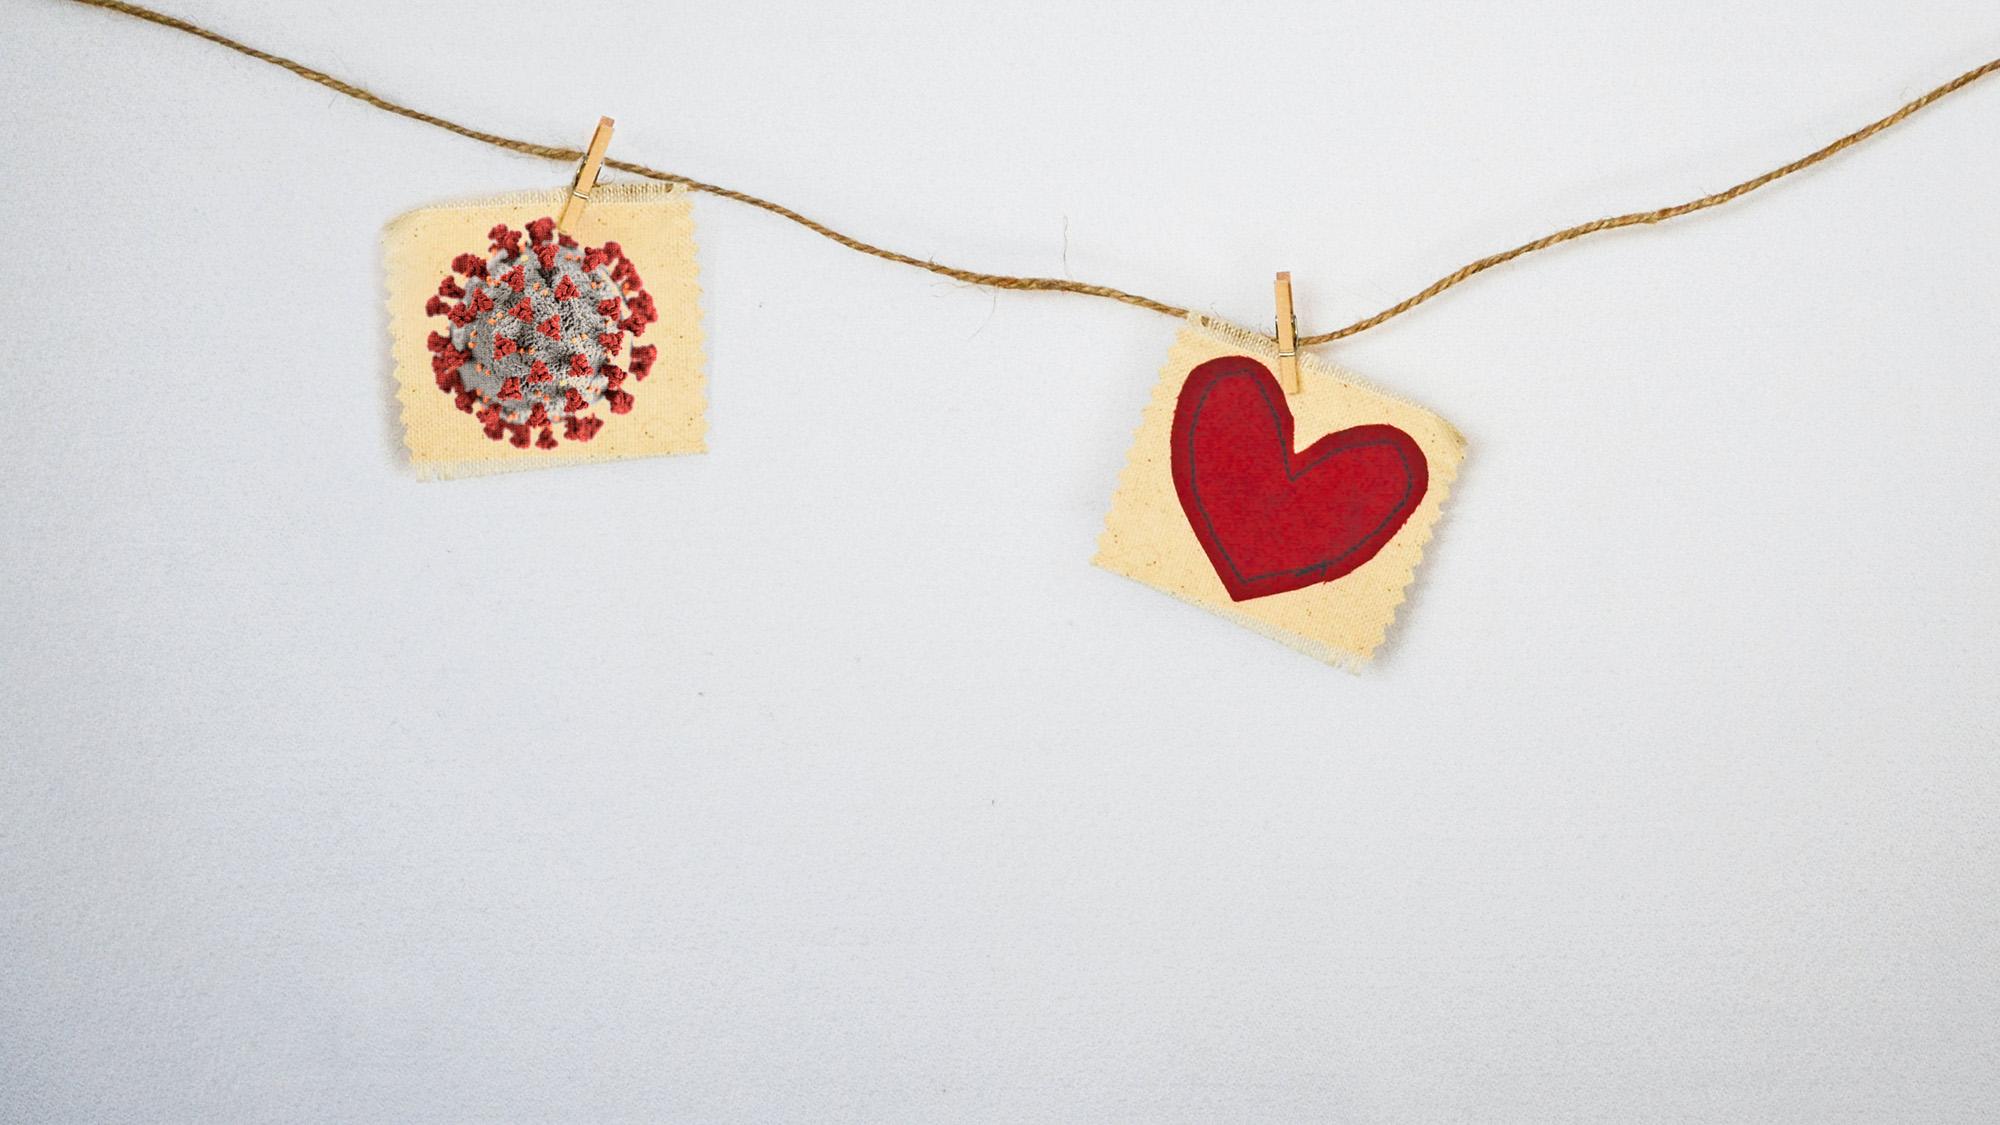 La detección de dos marcadores de daño cardíaco podría servir para realizar un pronóstico de evolución de pacientes de COVID-19. Imagen creada por Mario Ejarque a partir de imágenes de Debby Hudson y CDC para Unsplash